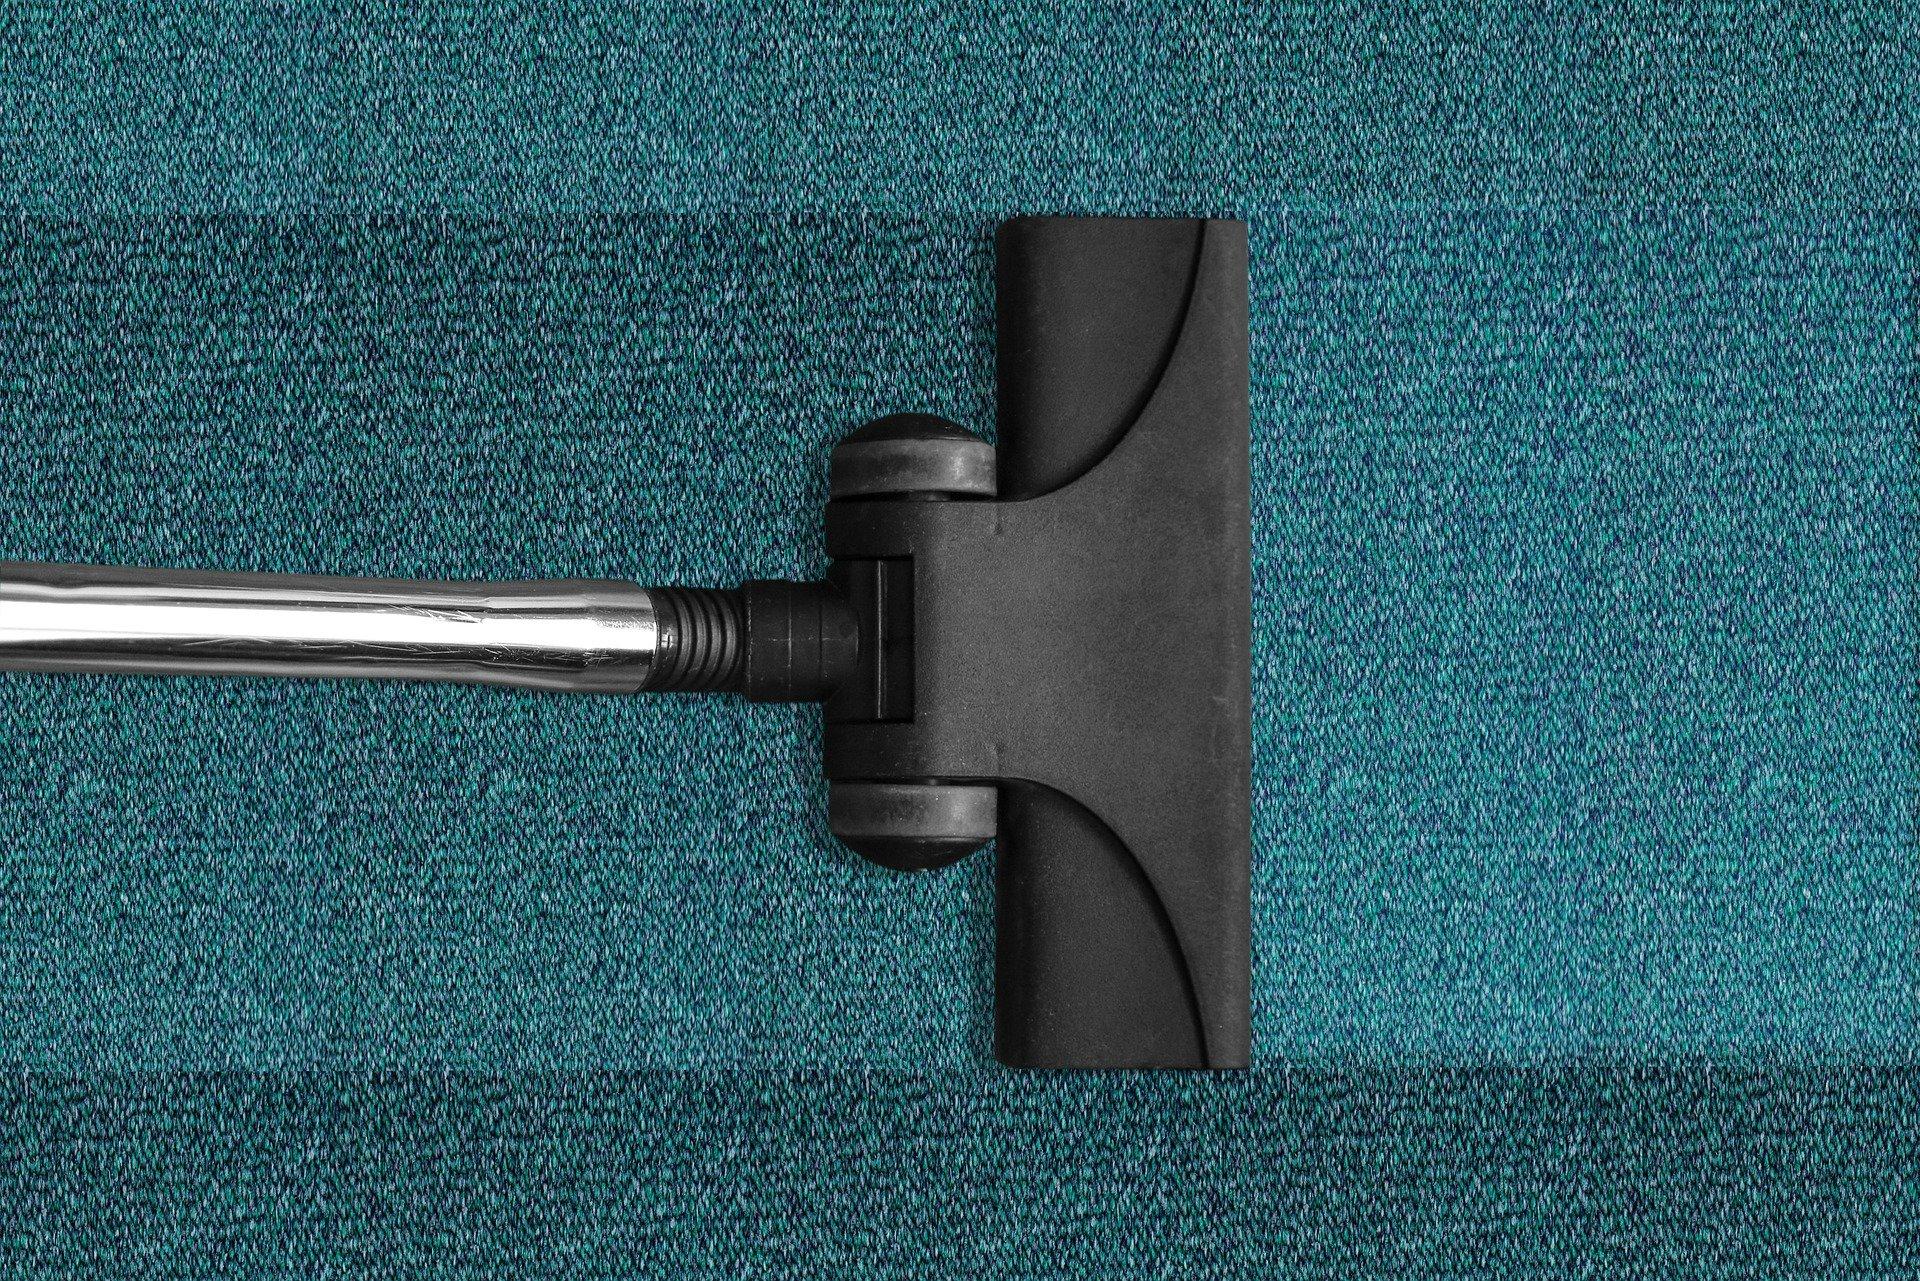 Comment utiliser un nettoyeur à vapeur pour nettoyer votre maison sans produits chimiques